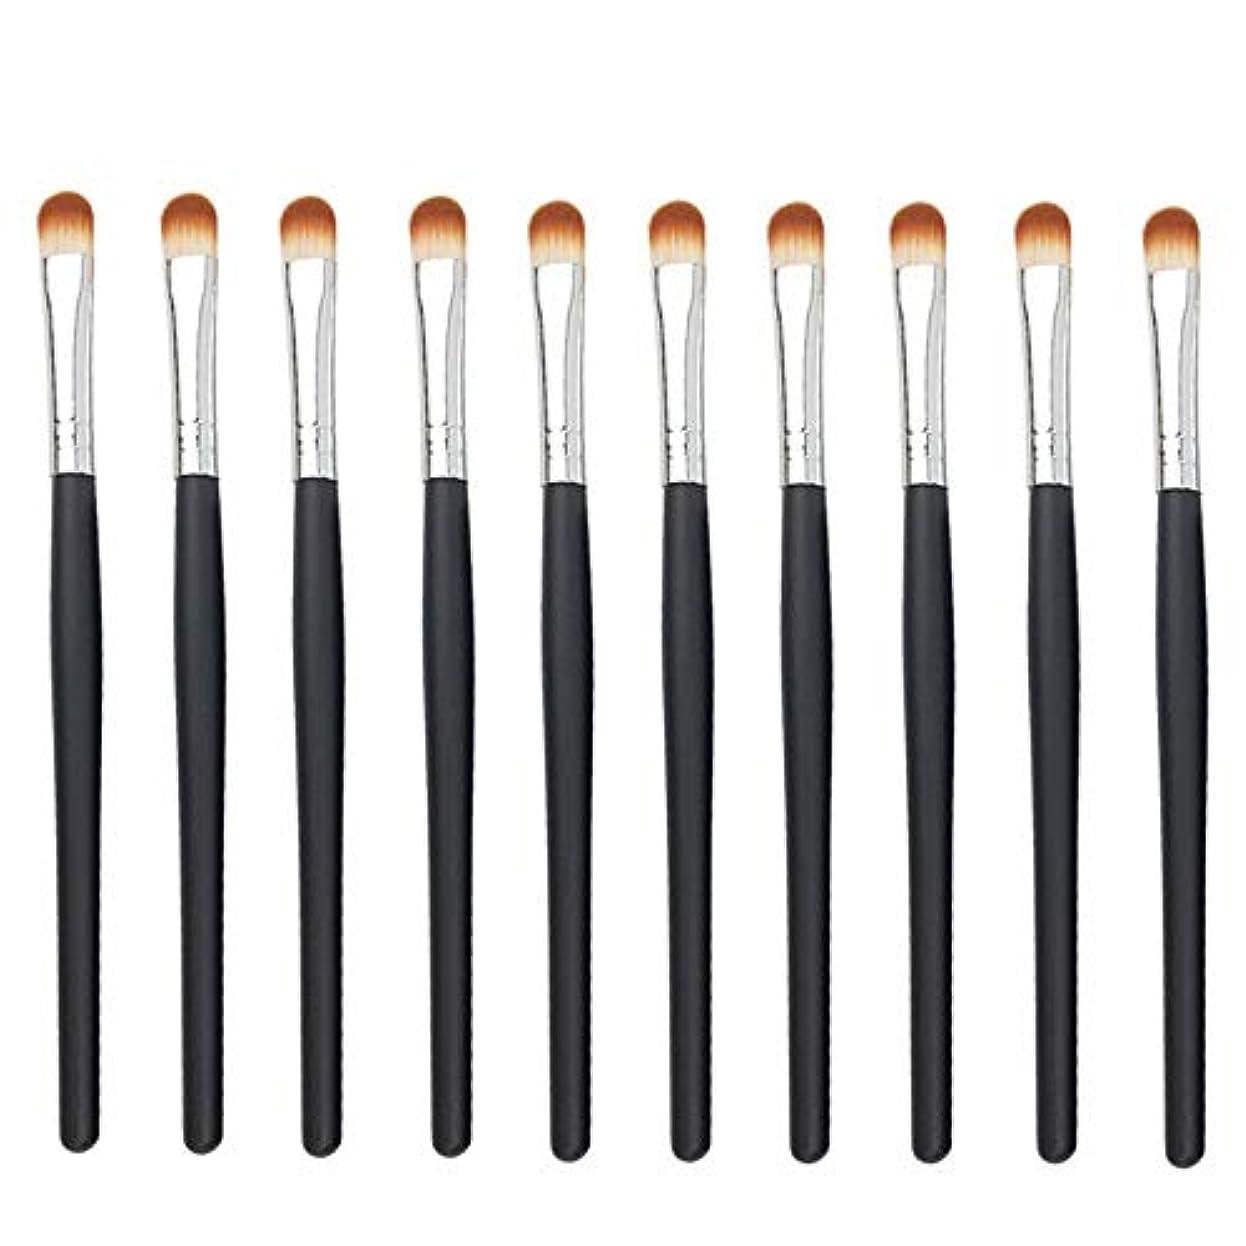 ガイド栄光妻Makeup brushes 黒いハンドル、初心者および専門家に望ましいアイシャドウブラシアイメイクブラシ10スティックアイメイクブラシ suits (Color : Black Silver)